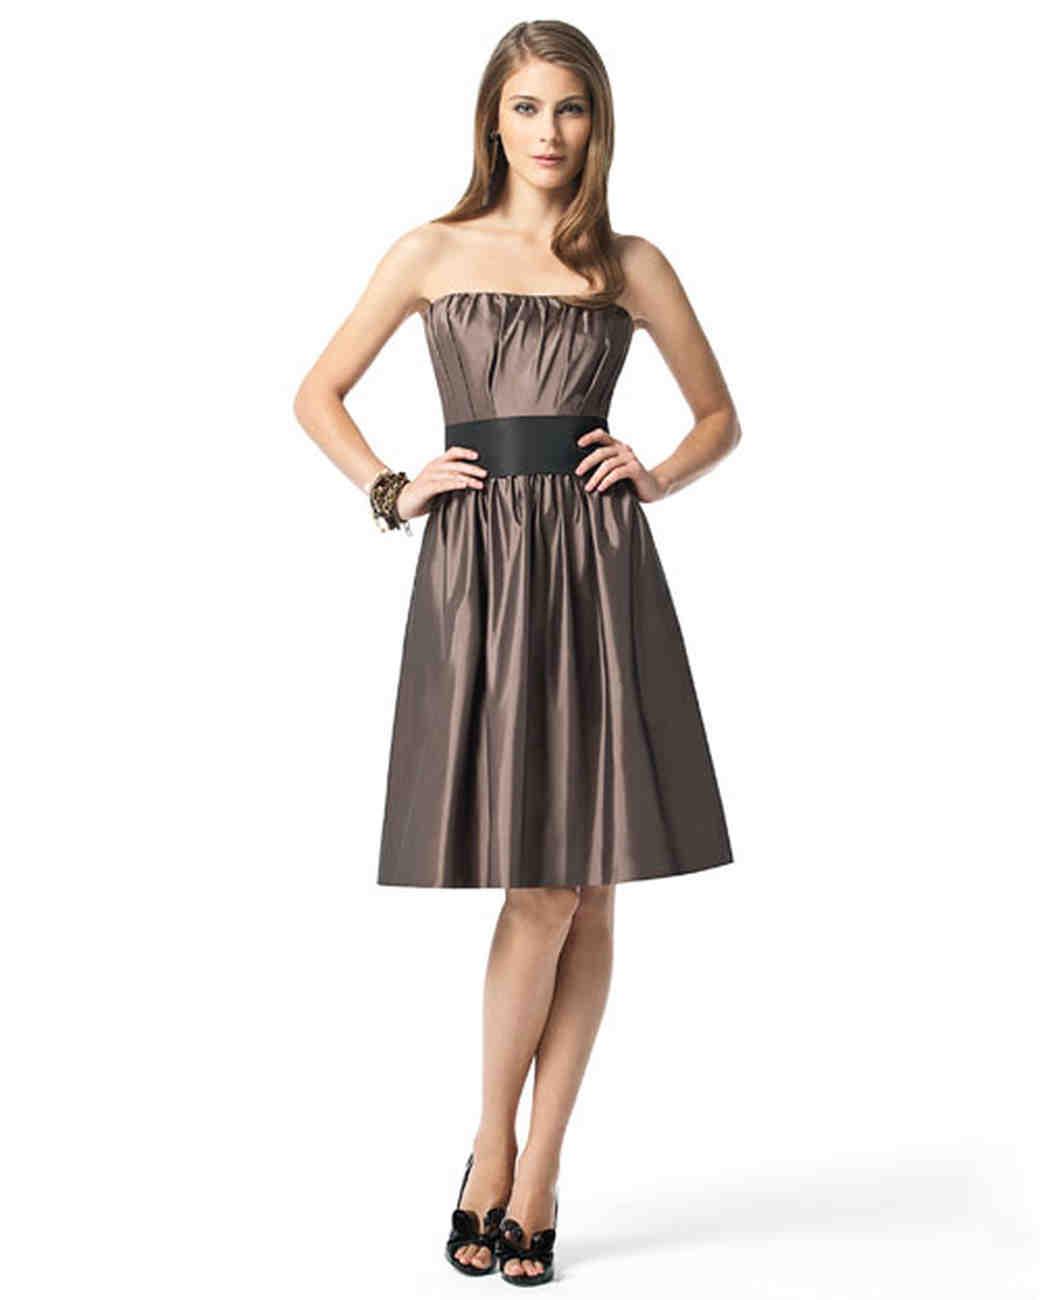 Tolle Ann Taylor Prom Dresses Bilder - Brautkleider Ideen ...